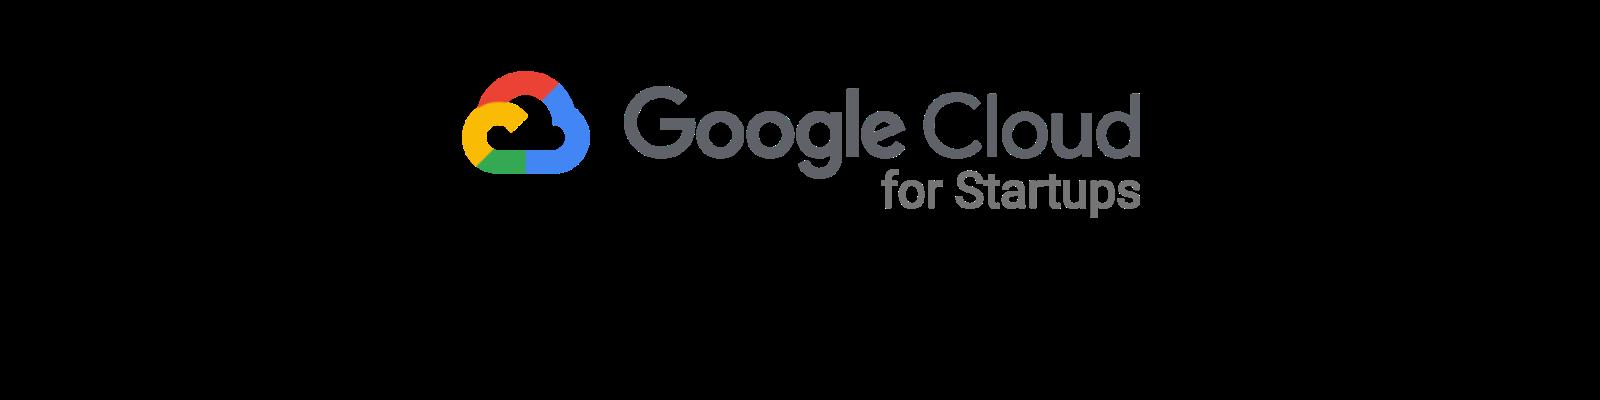 gc4s form header logo.png